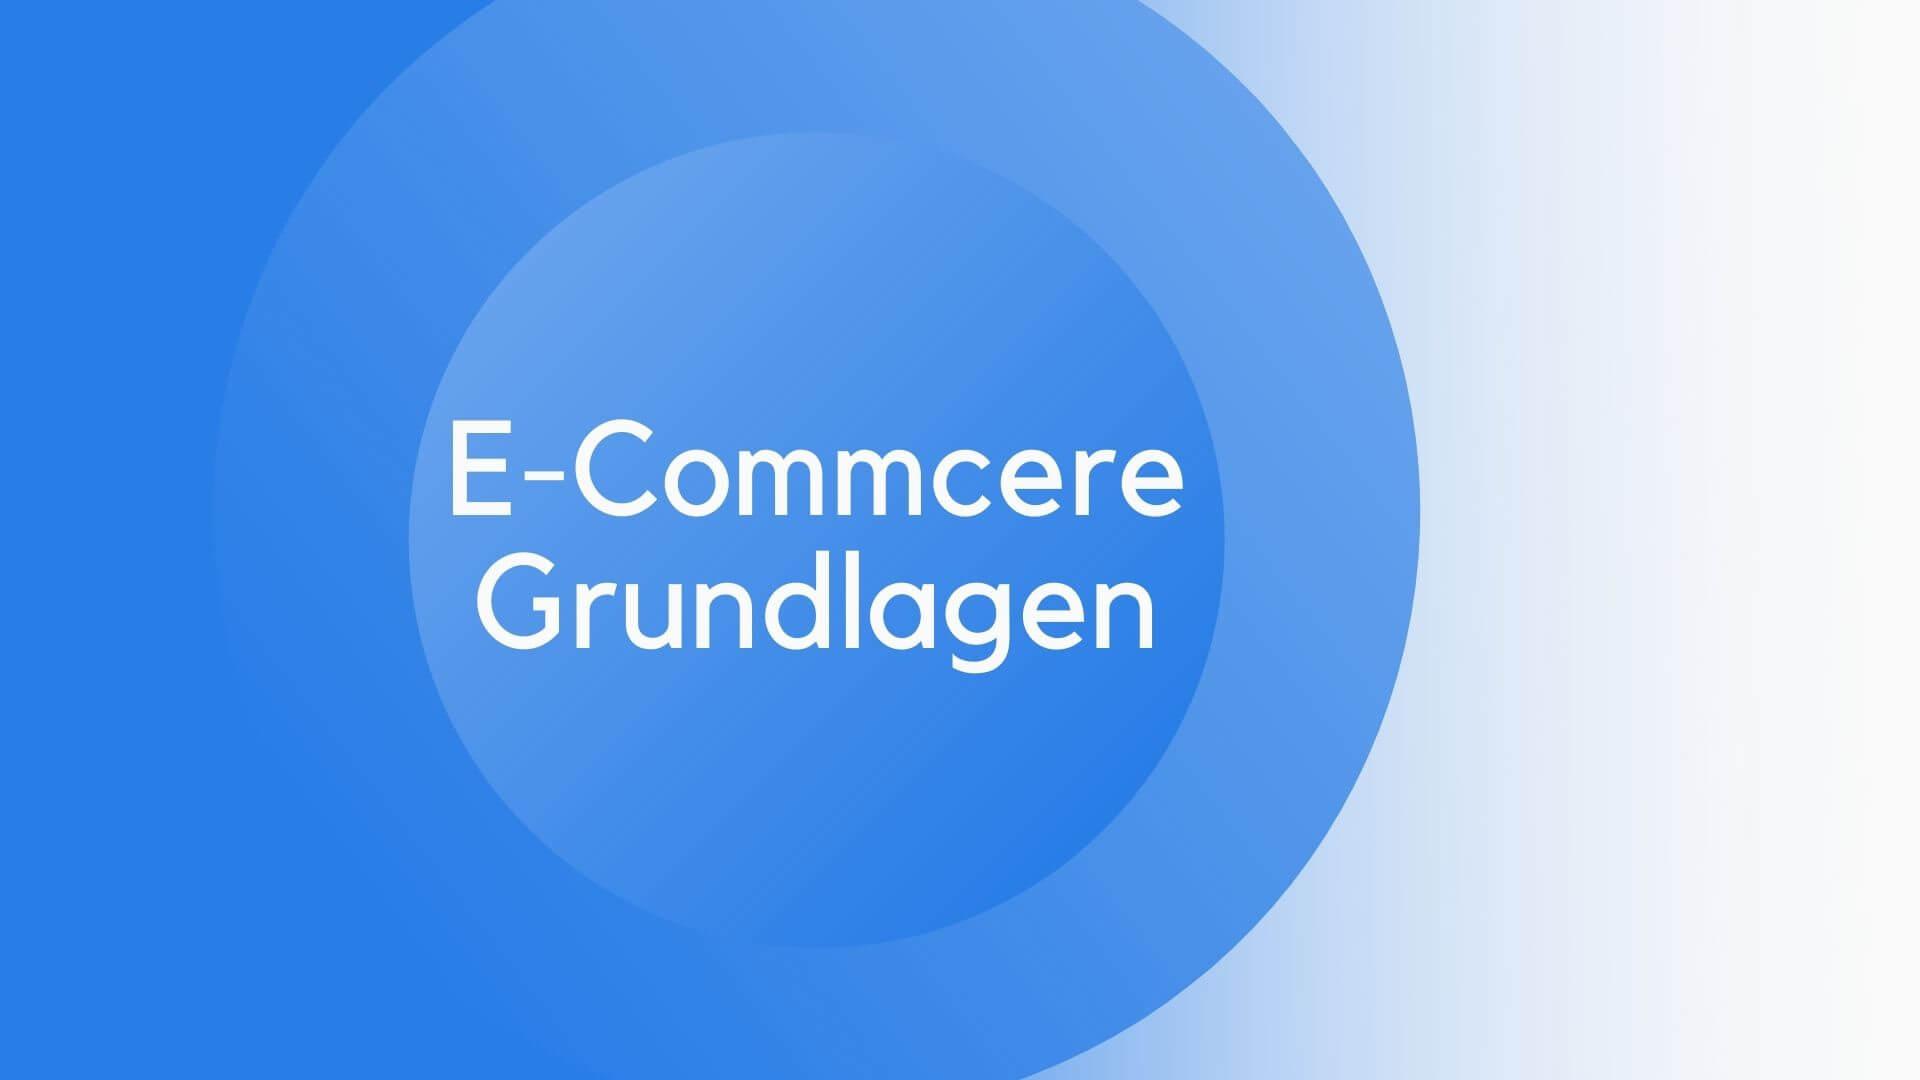 E-Commerce Grundlagen